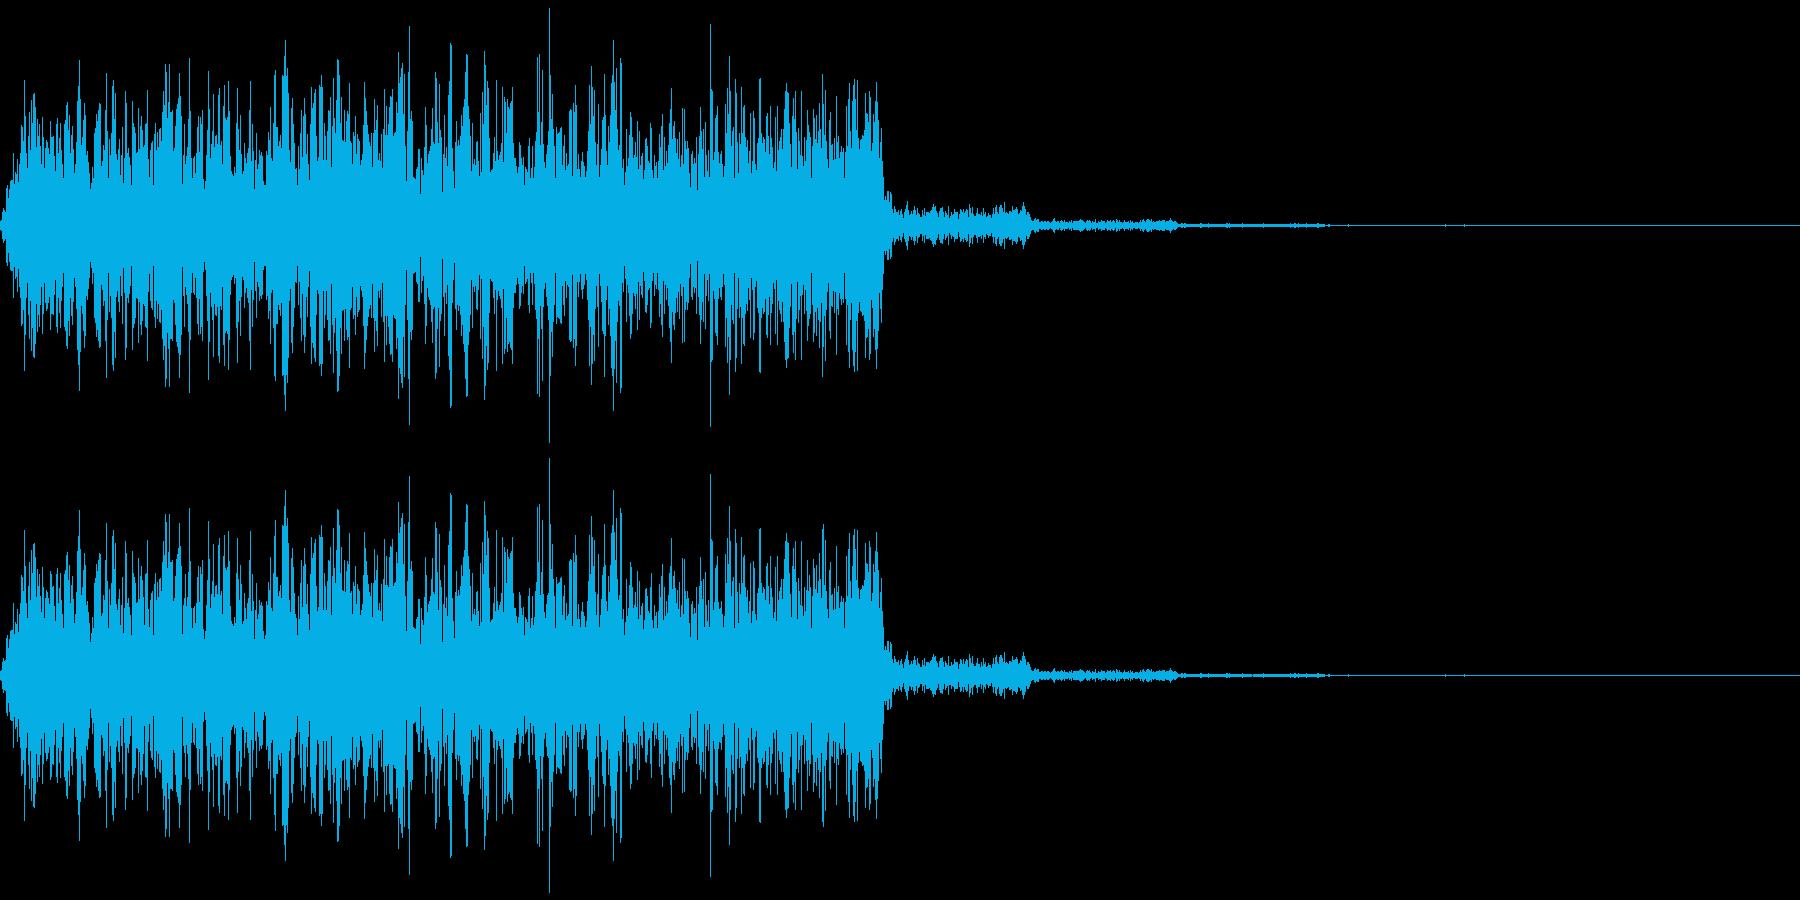 何かを注入するようなイメージの擬音です。の再生済みの波形